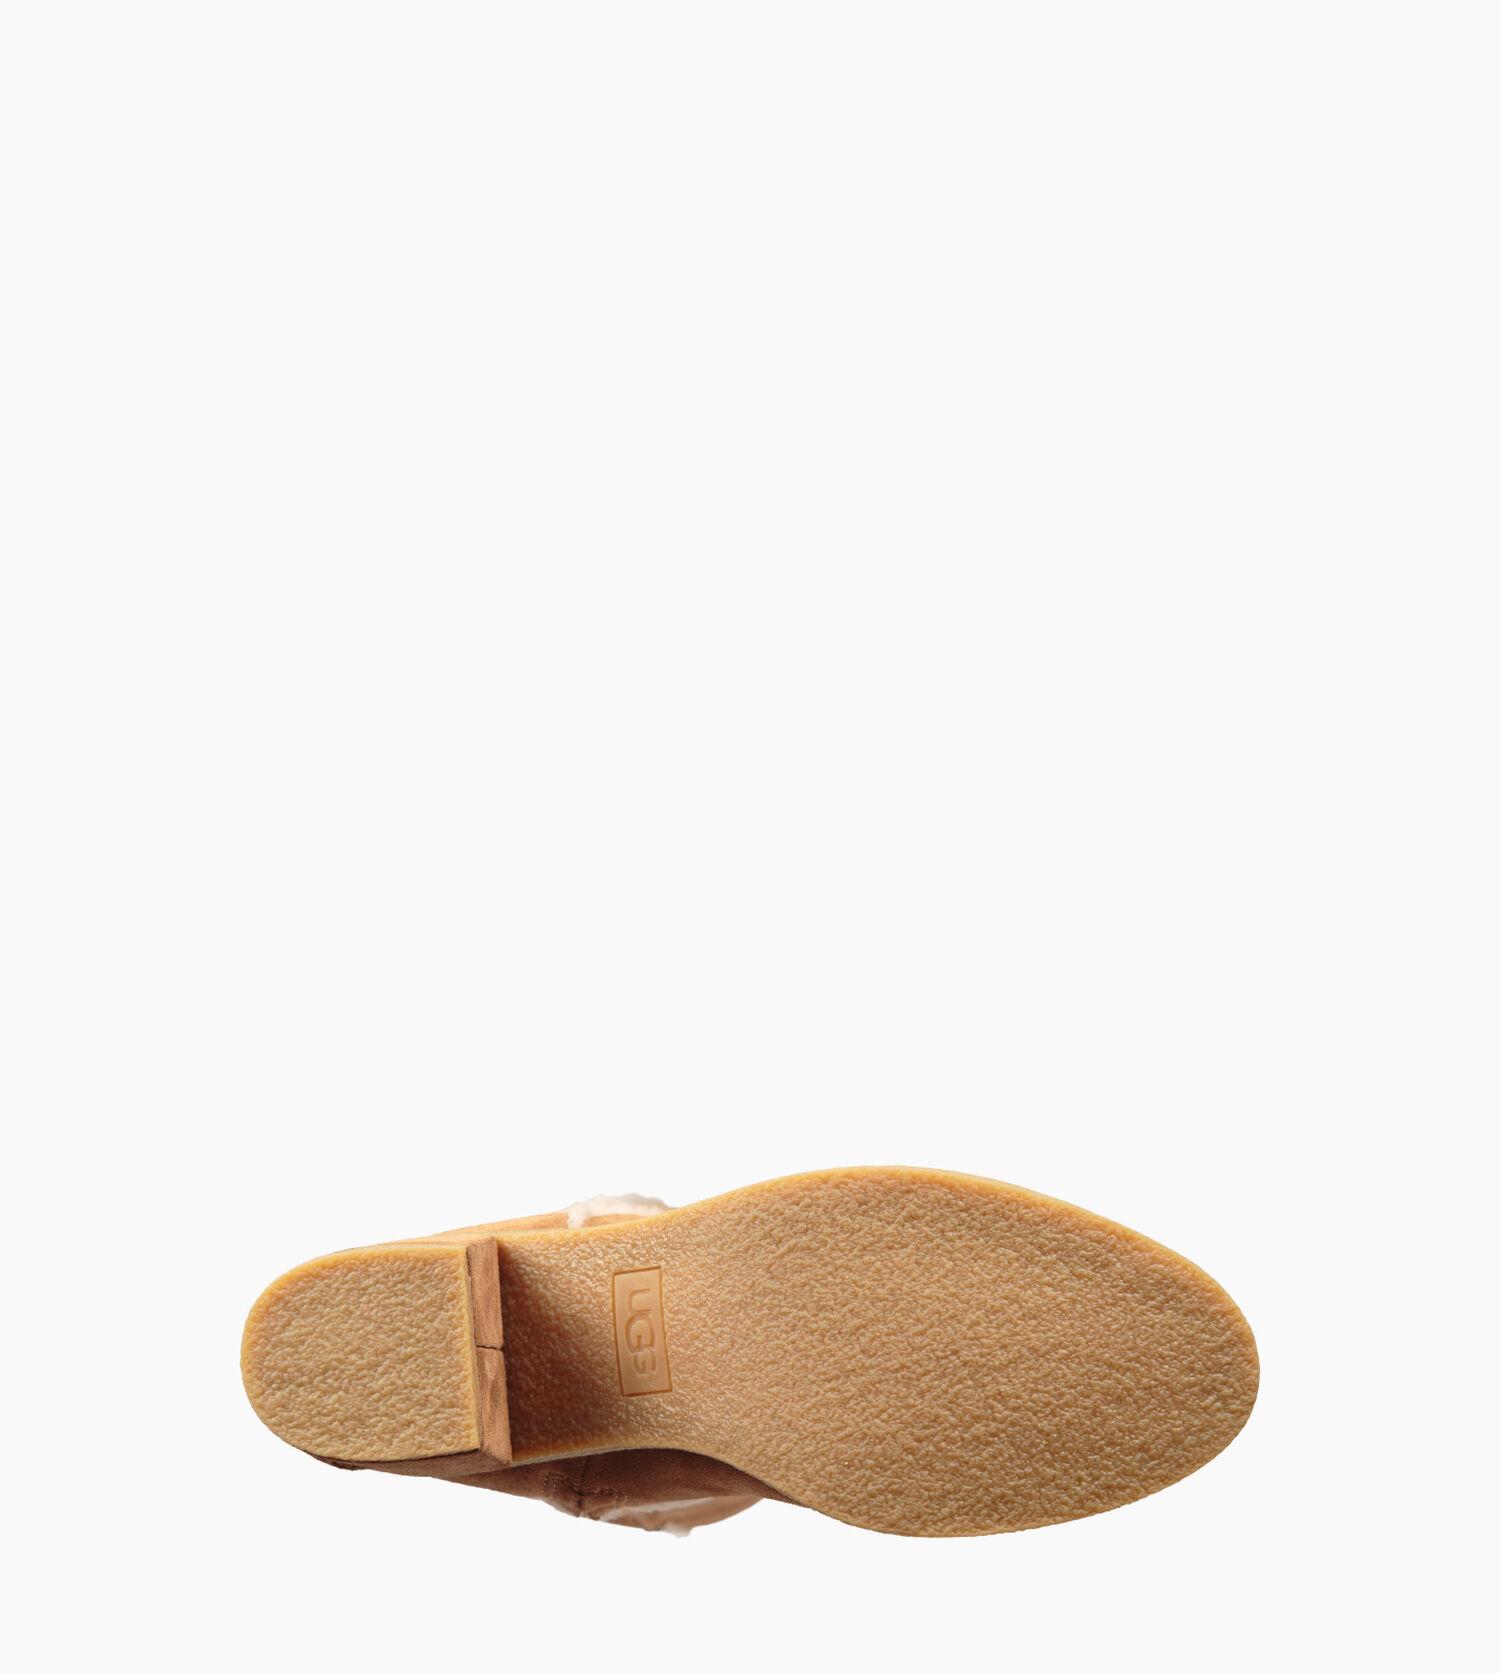 21baf3417de Women's Share this product Kasen Tall II Boot